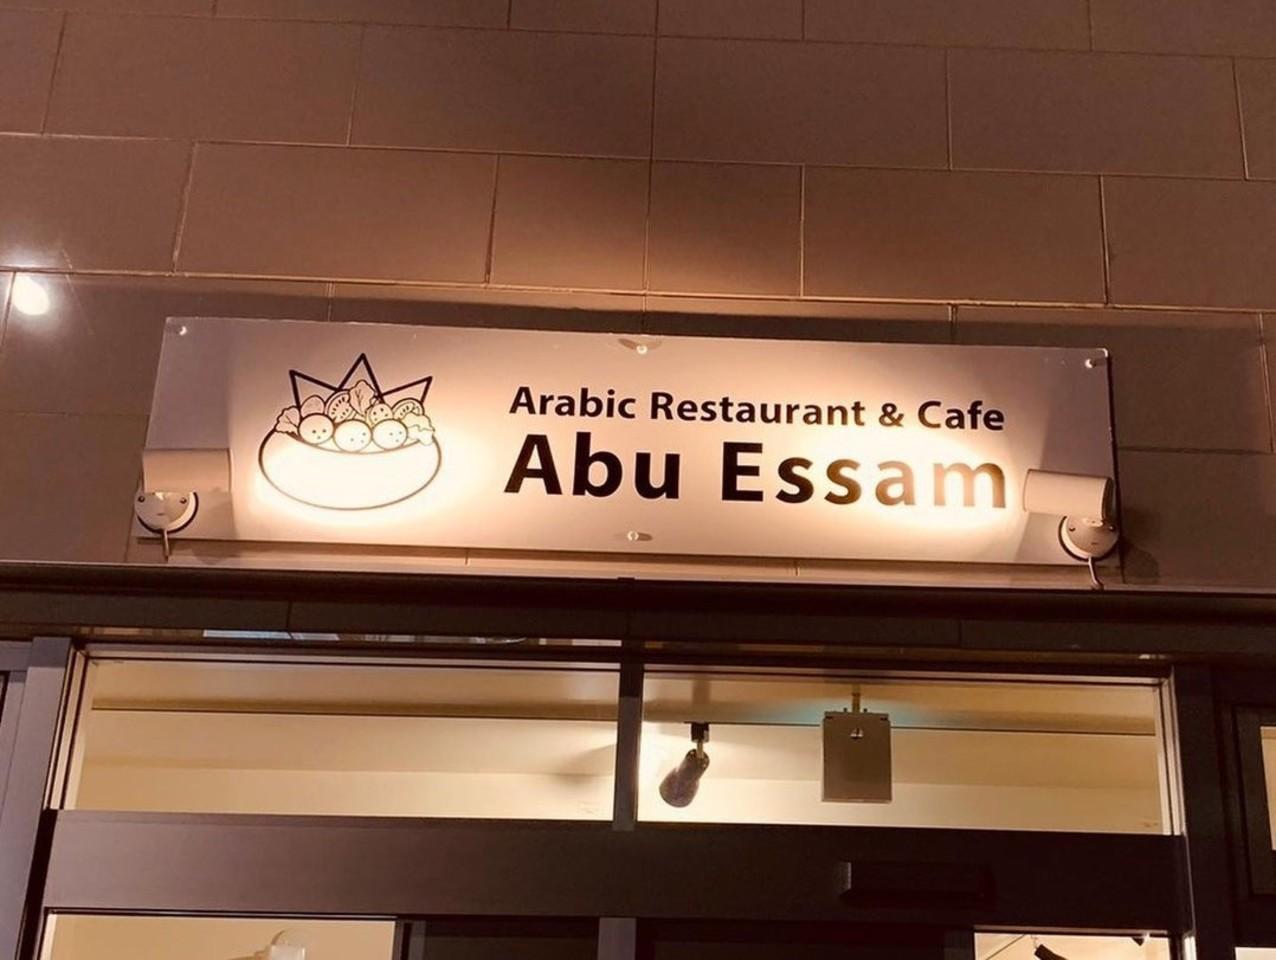 東京都新宿区矢来町にアラビックレストラン&カフェ「アブイサーム」が本日オープンされたようです。